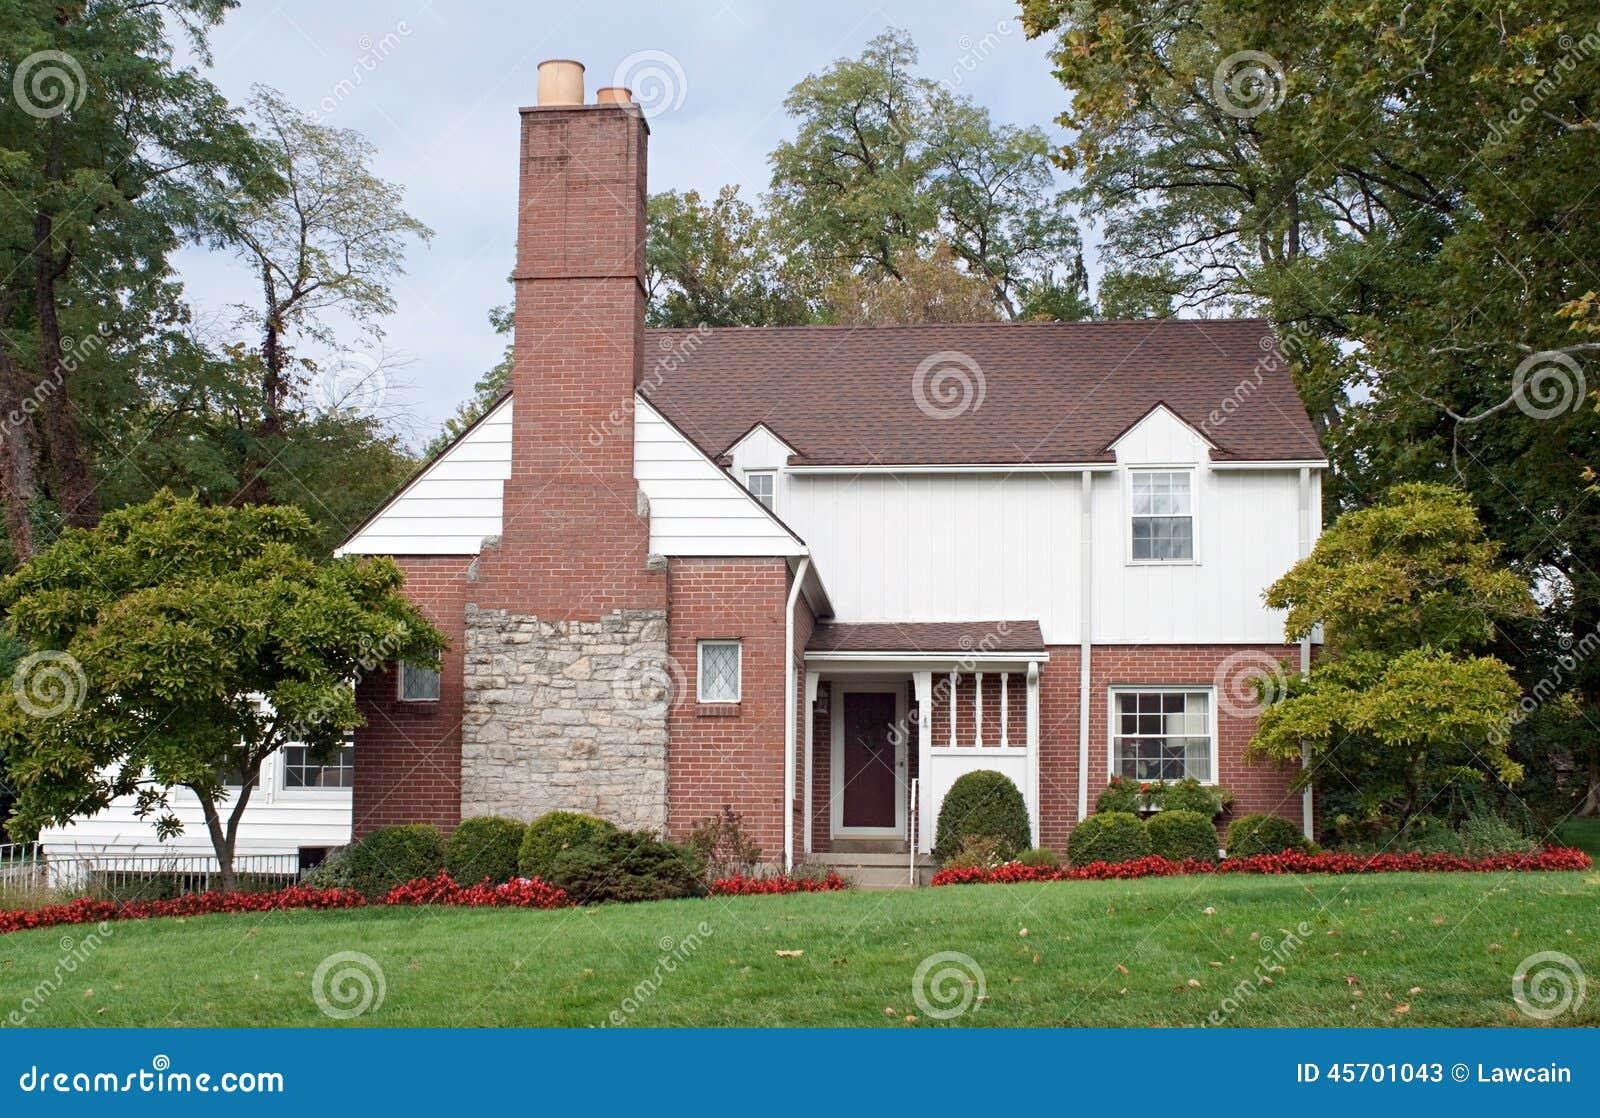 Casa con la chimenea grande de la chimenea foto de archivo - La casa de la chimenea ...